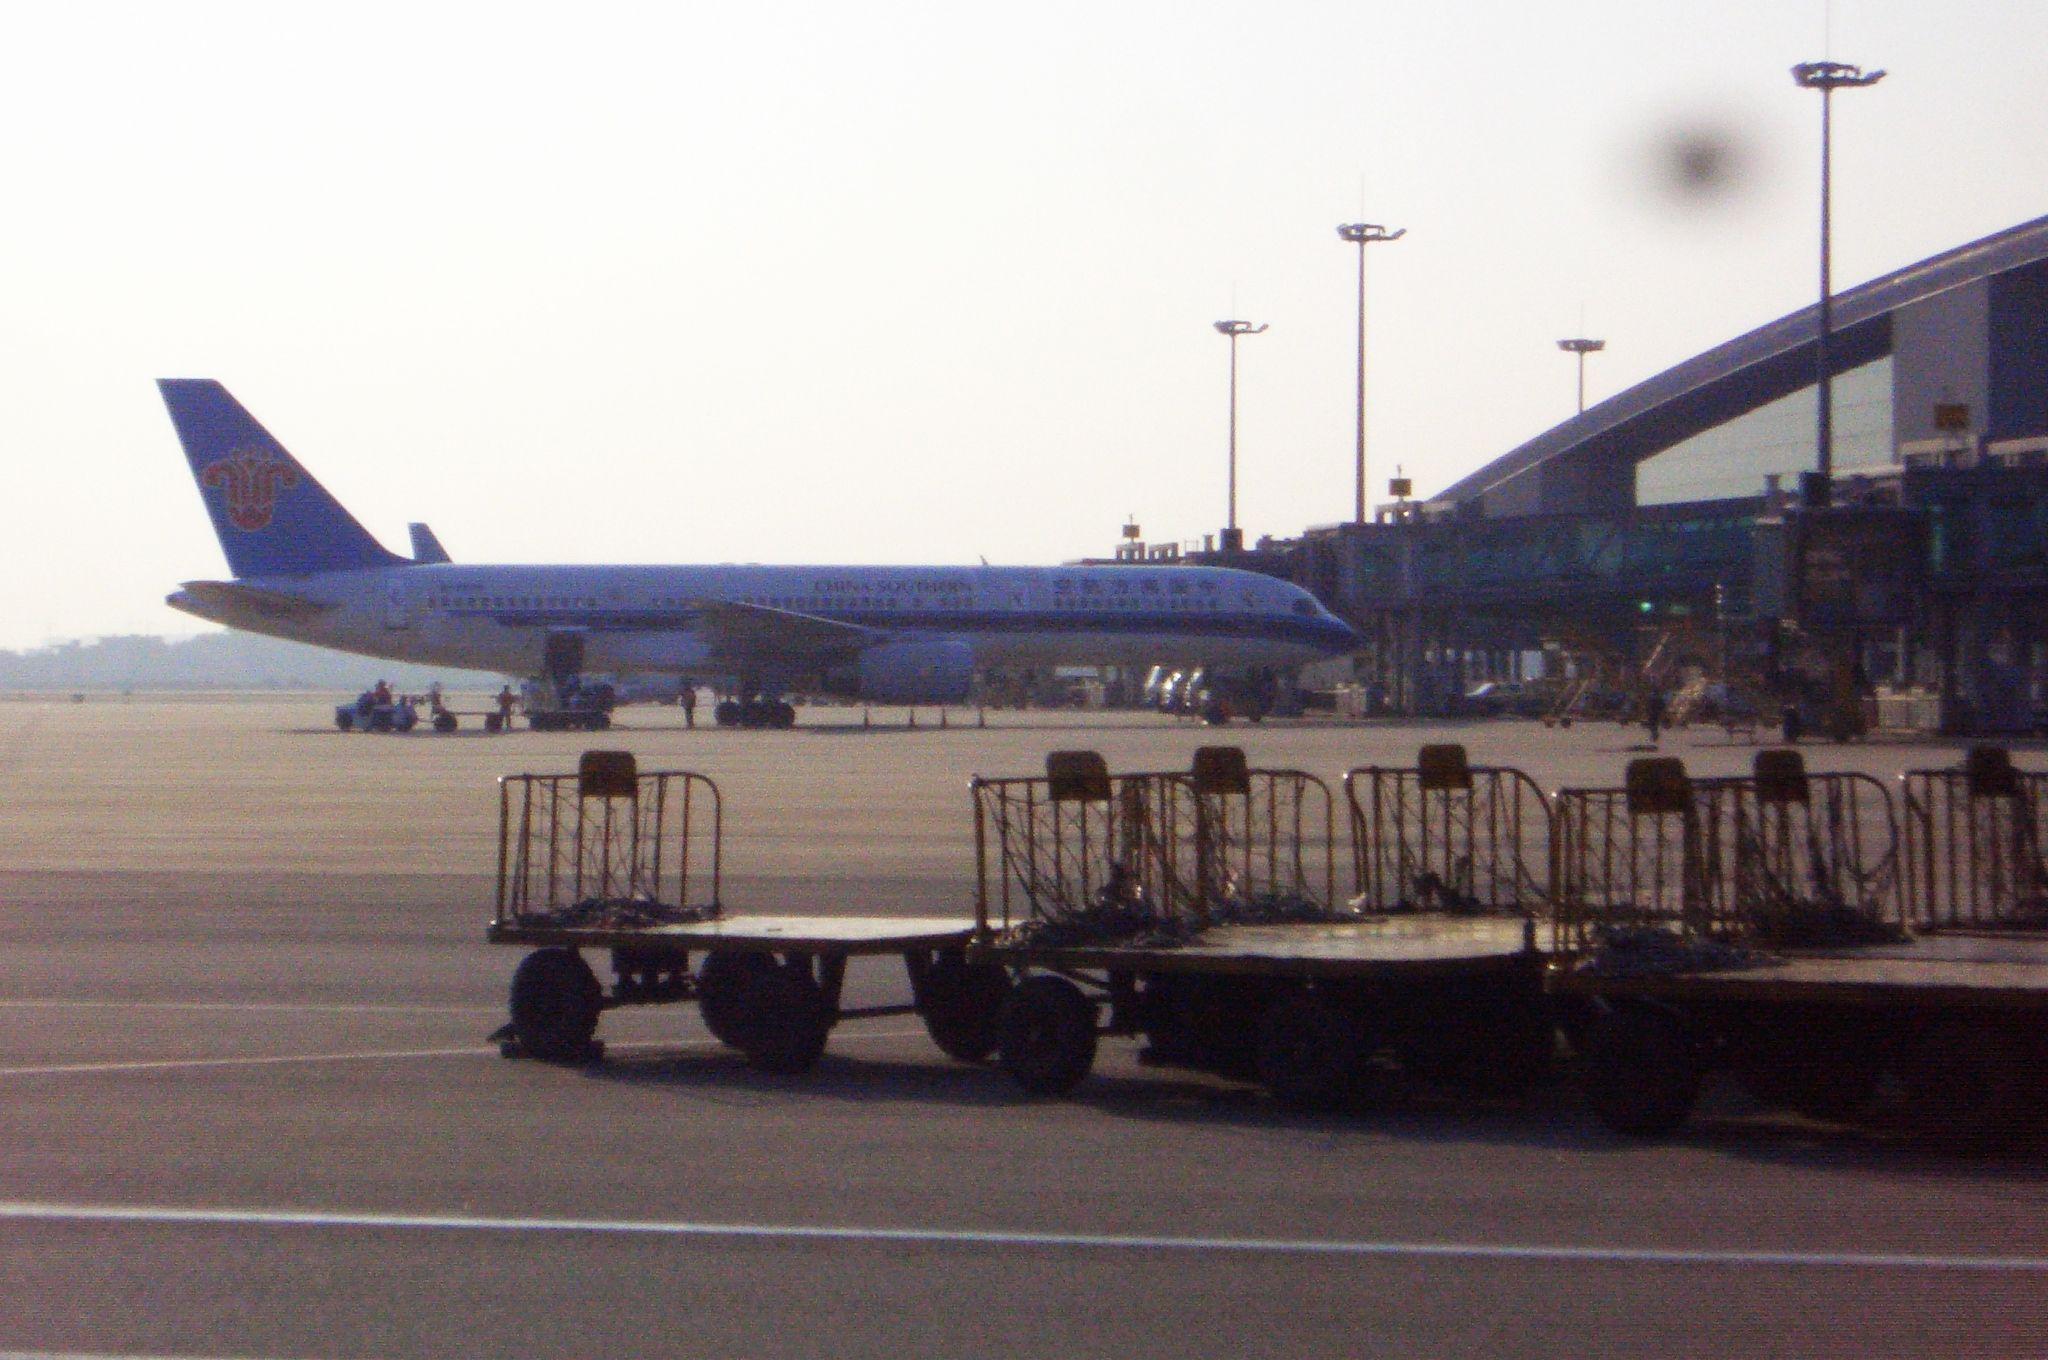 Re:[原创]恢复信心后的第一次发帖,09年第一次活动 BOEING 757-200 B-2838 中国广州白云机场